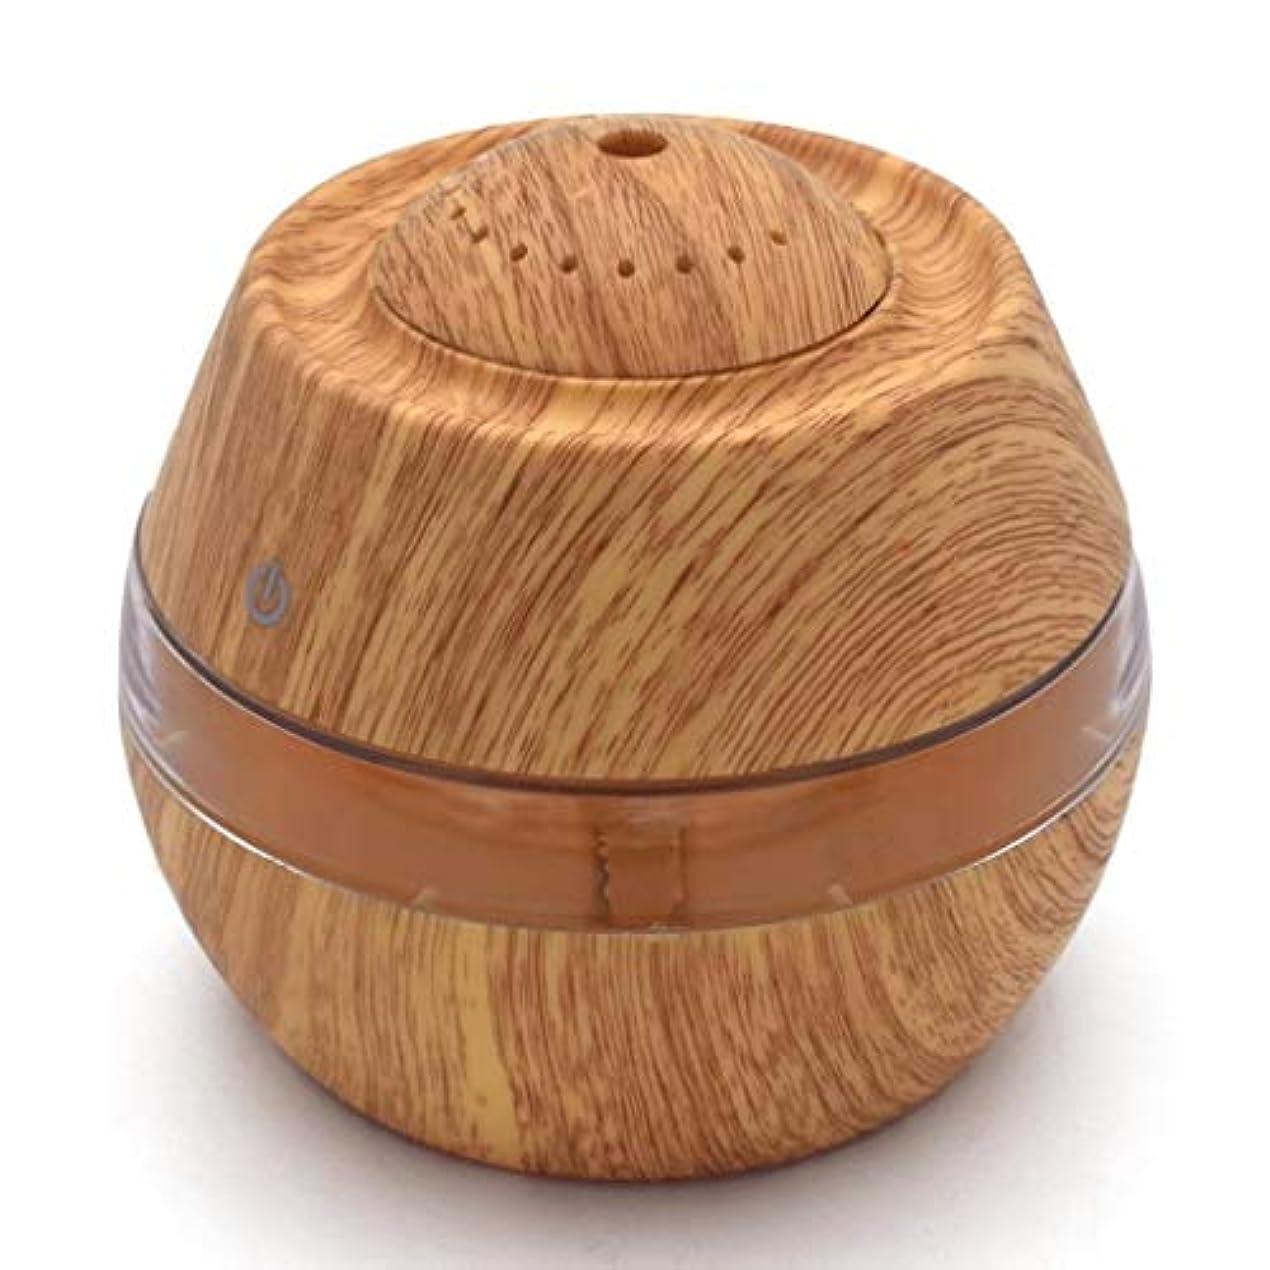 水素樹木ハングオイルディフューザーエッセンシャルオイル300ミリリットルエッセンシャルオイルディフューザー電気超音波加湿器アロマ用ベビールームホームスパギフト用女性 (Color : Light Wood Grain)